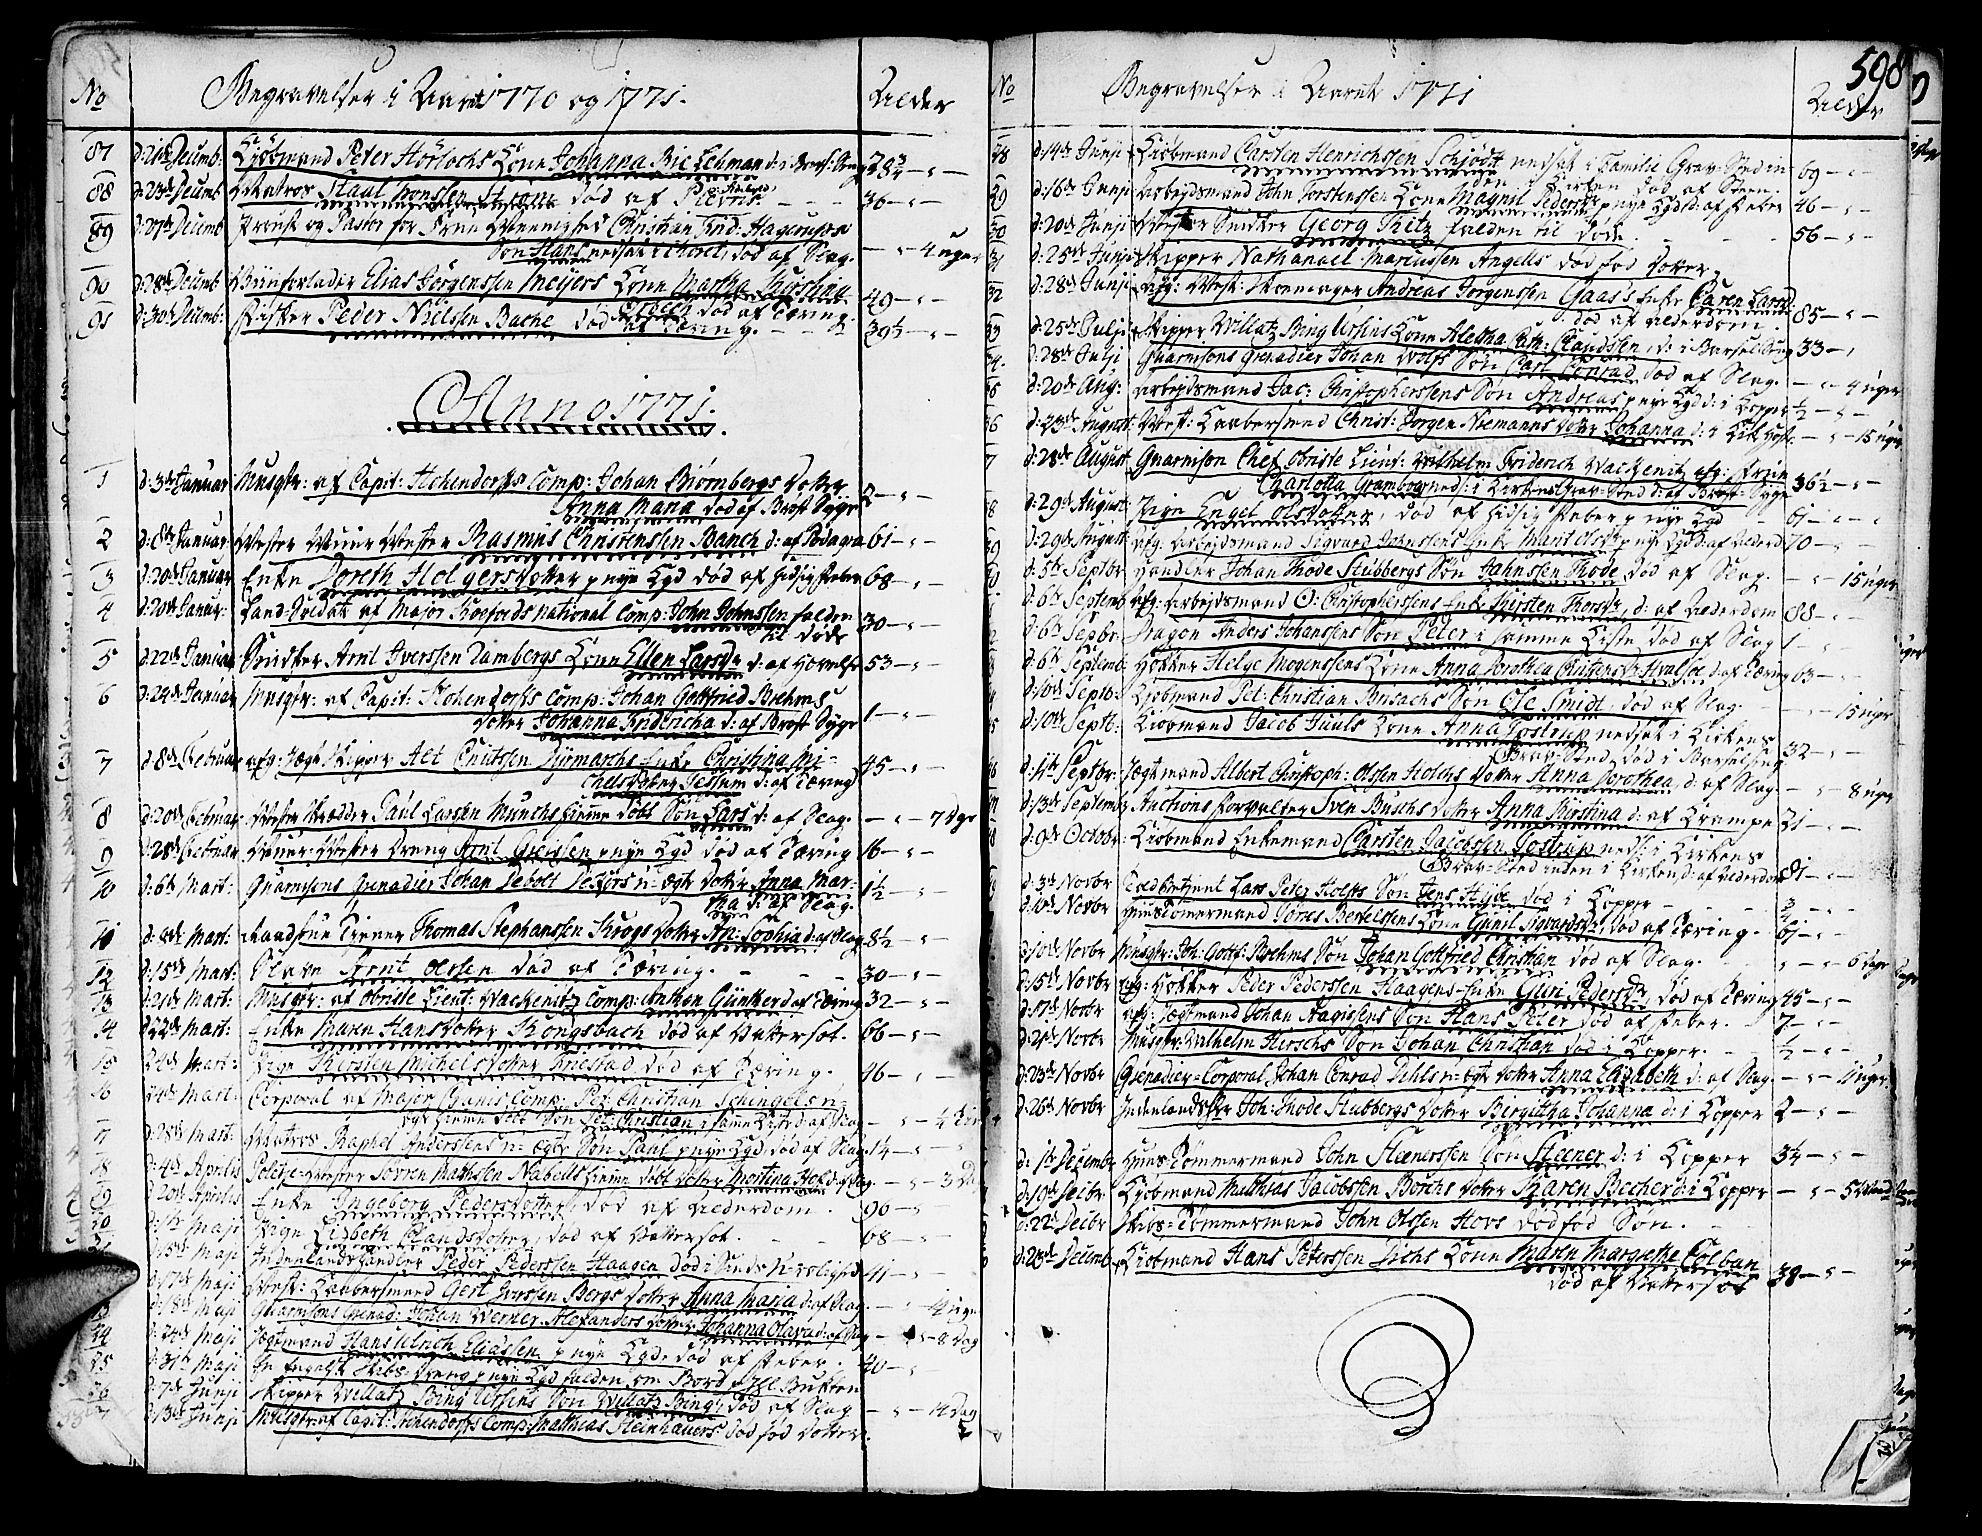 SAT, Ministerialprotokoller, klokkerbøker og fødselsregistre - Sør-Trøndelag, 602/L0103: Ministerialbok nr. 602A01, 1732-1774, s. 598